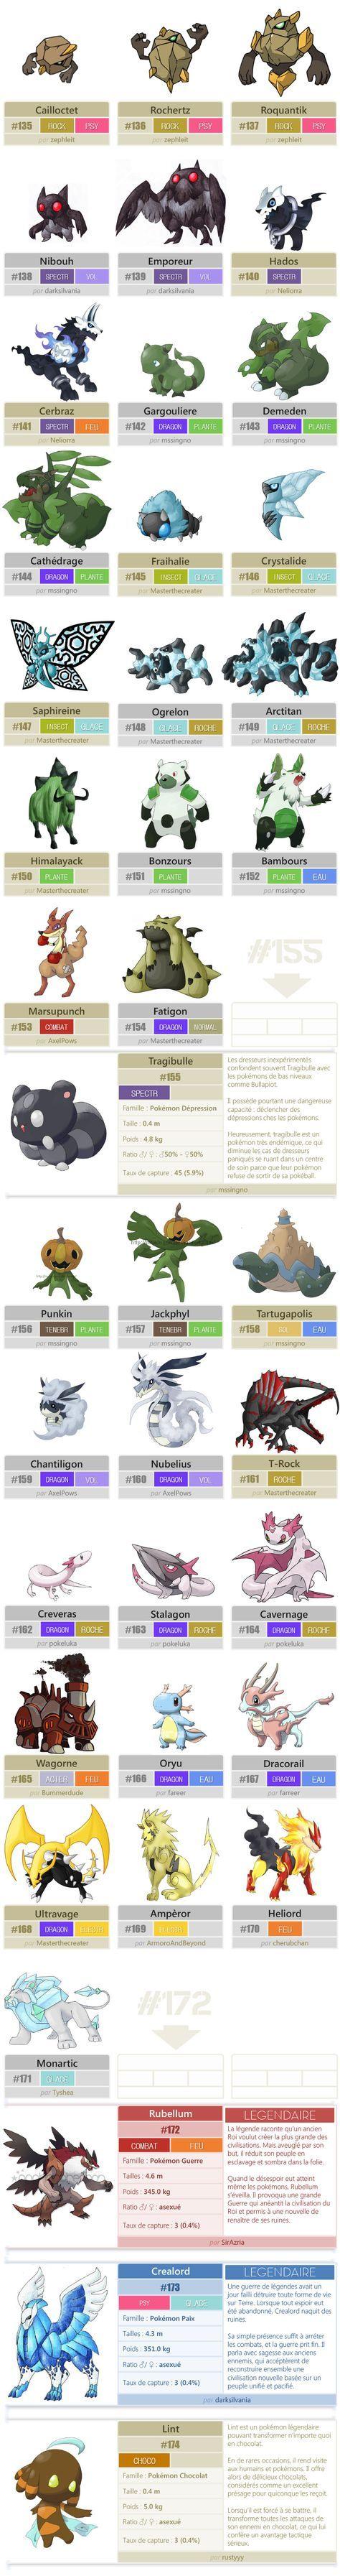 Pokémon for the next